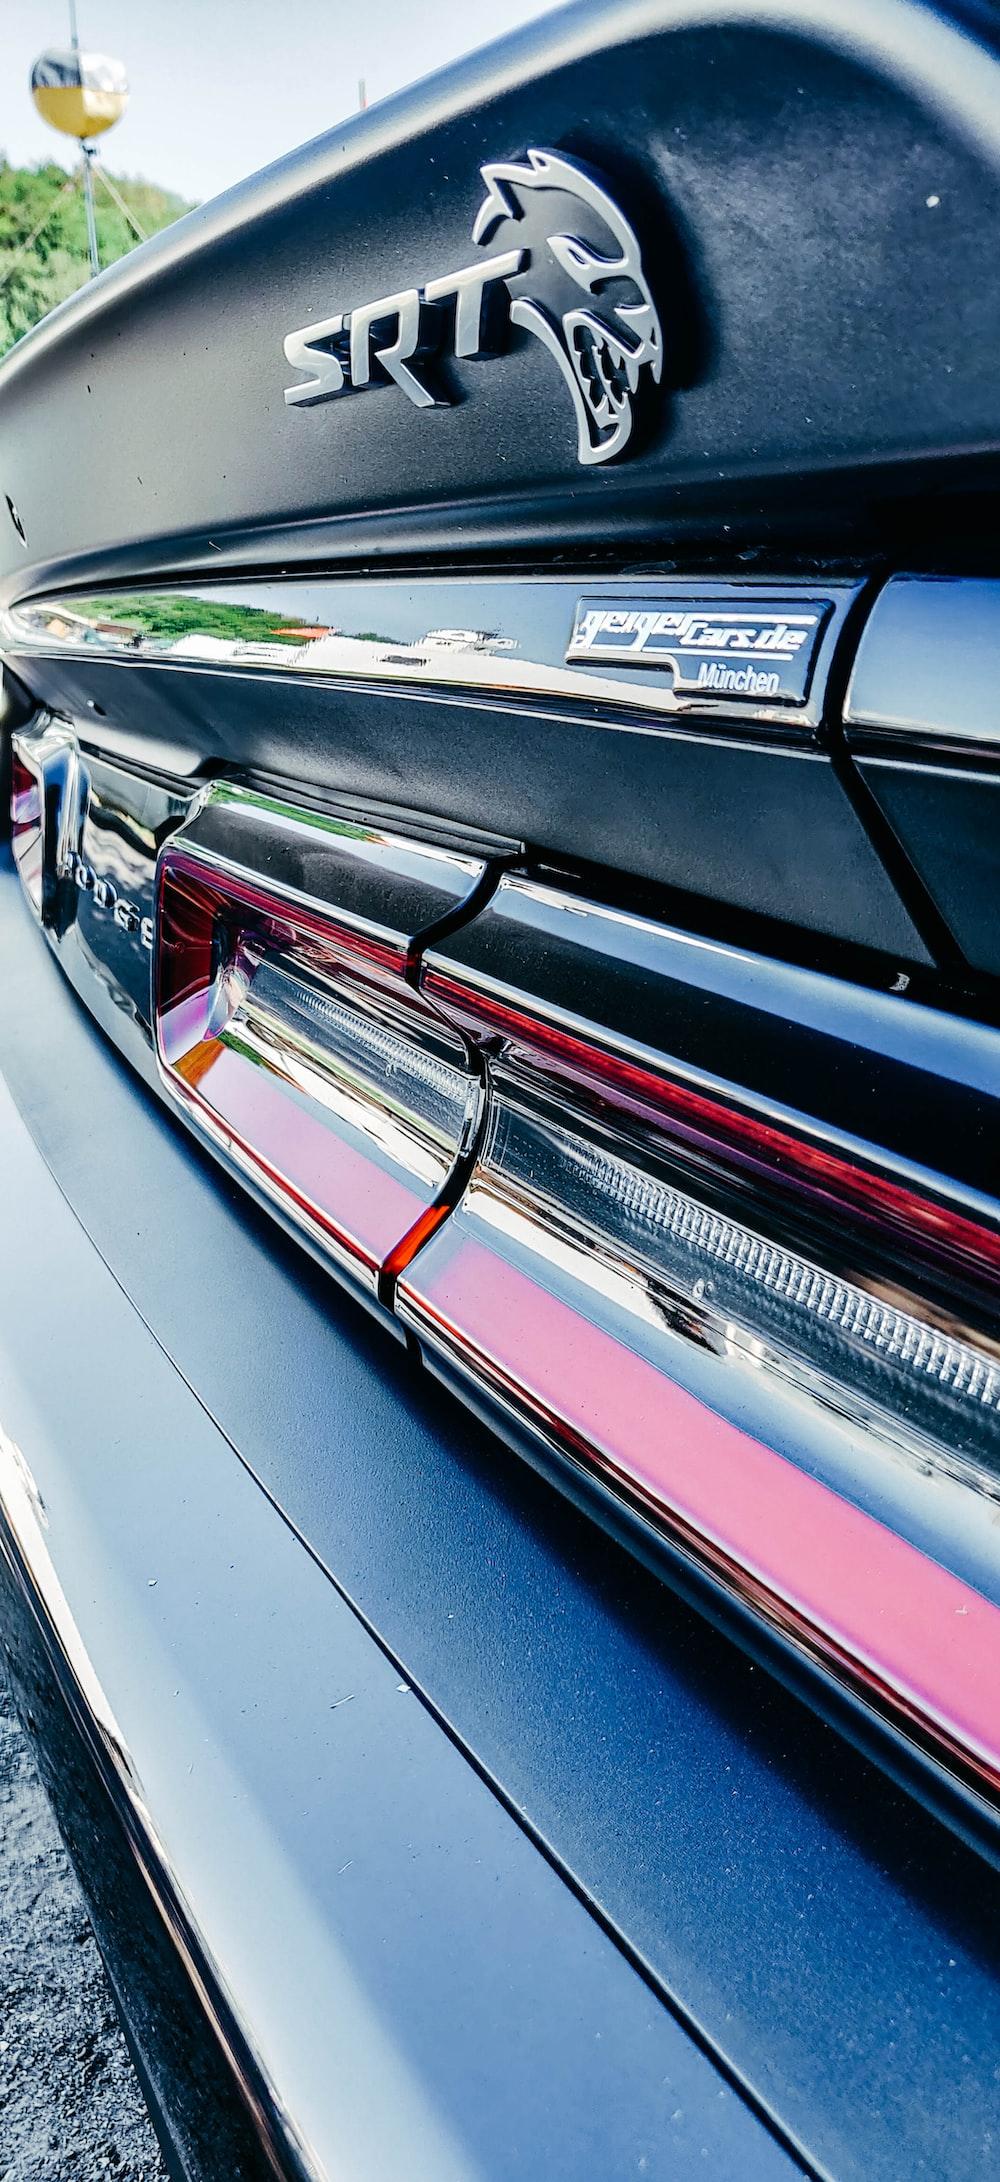 Dodge Challenger Srt Pictures Download Free Images On Unsplash